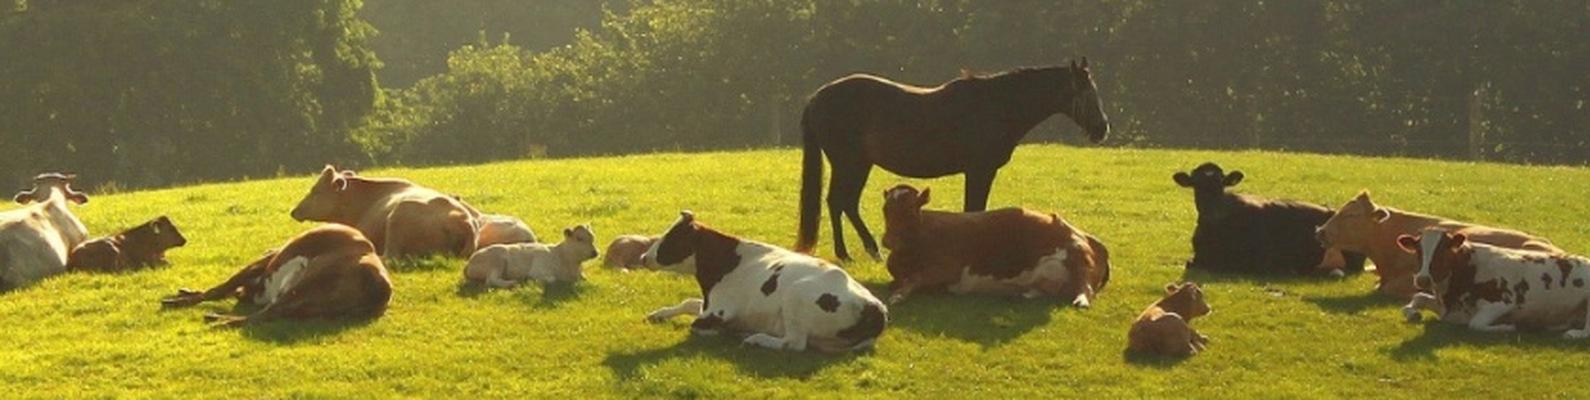 Картинки коровы лошади овцы